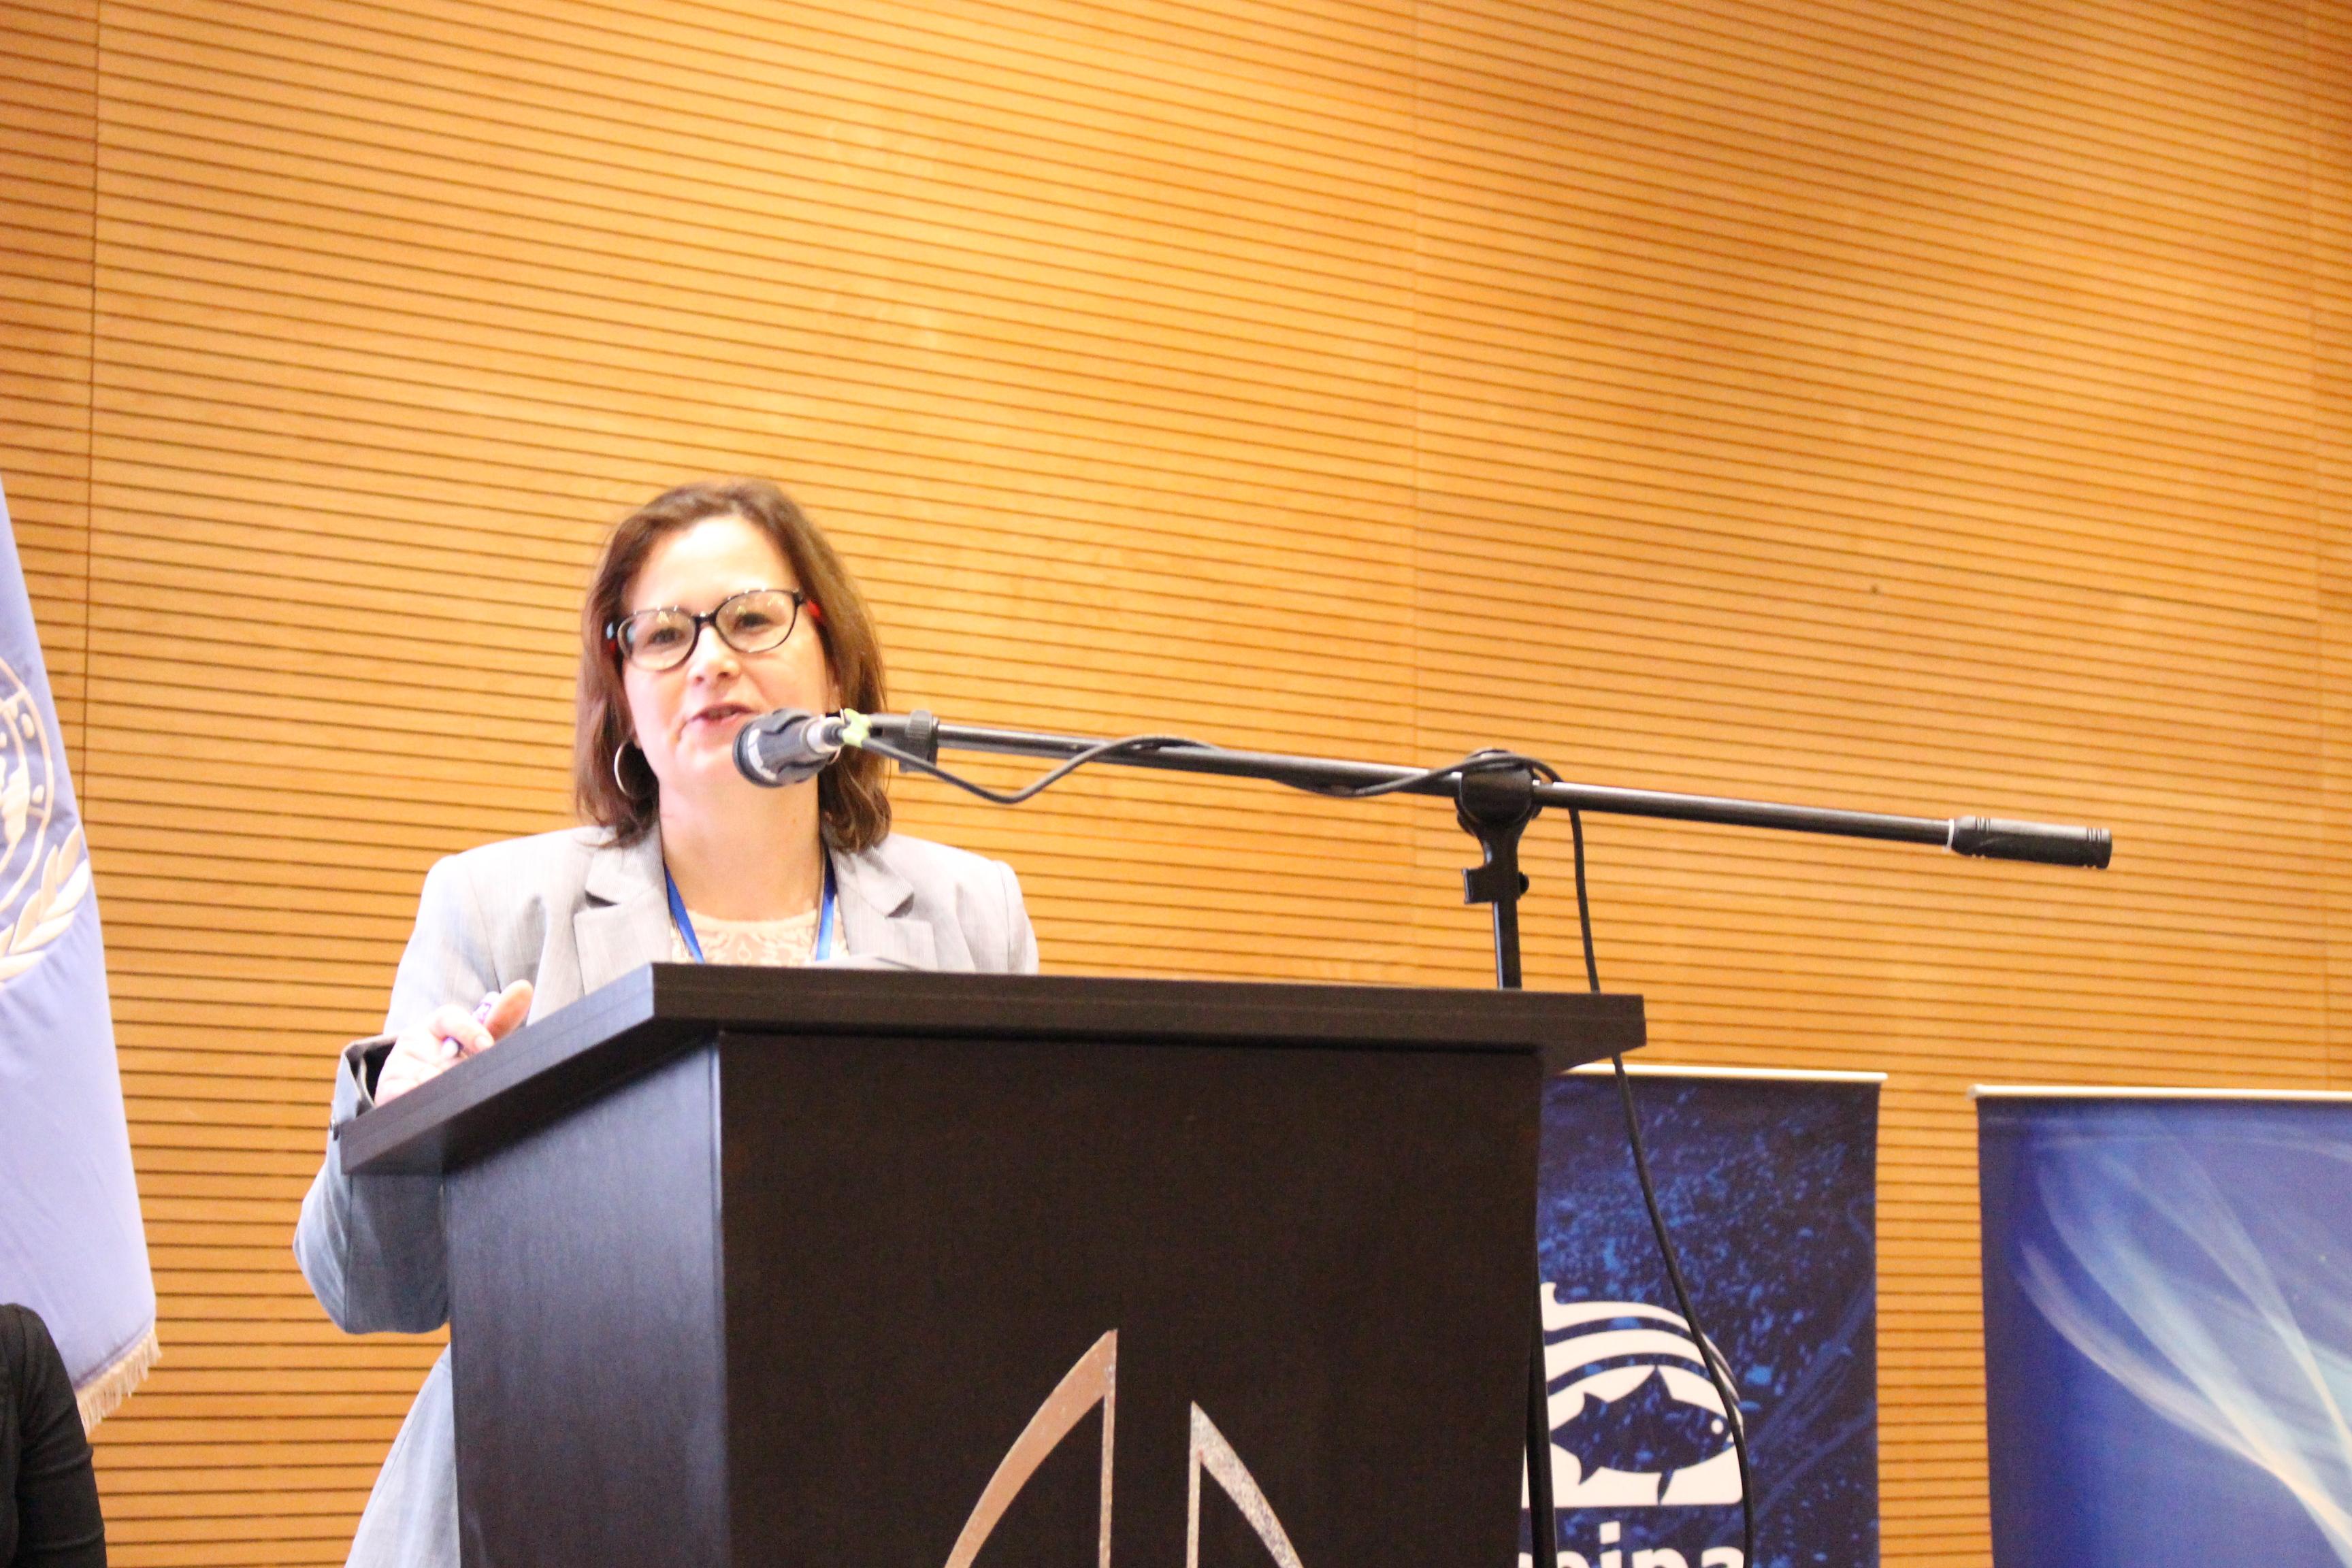 Graciela Pereira